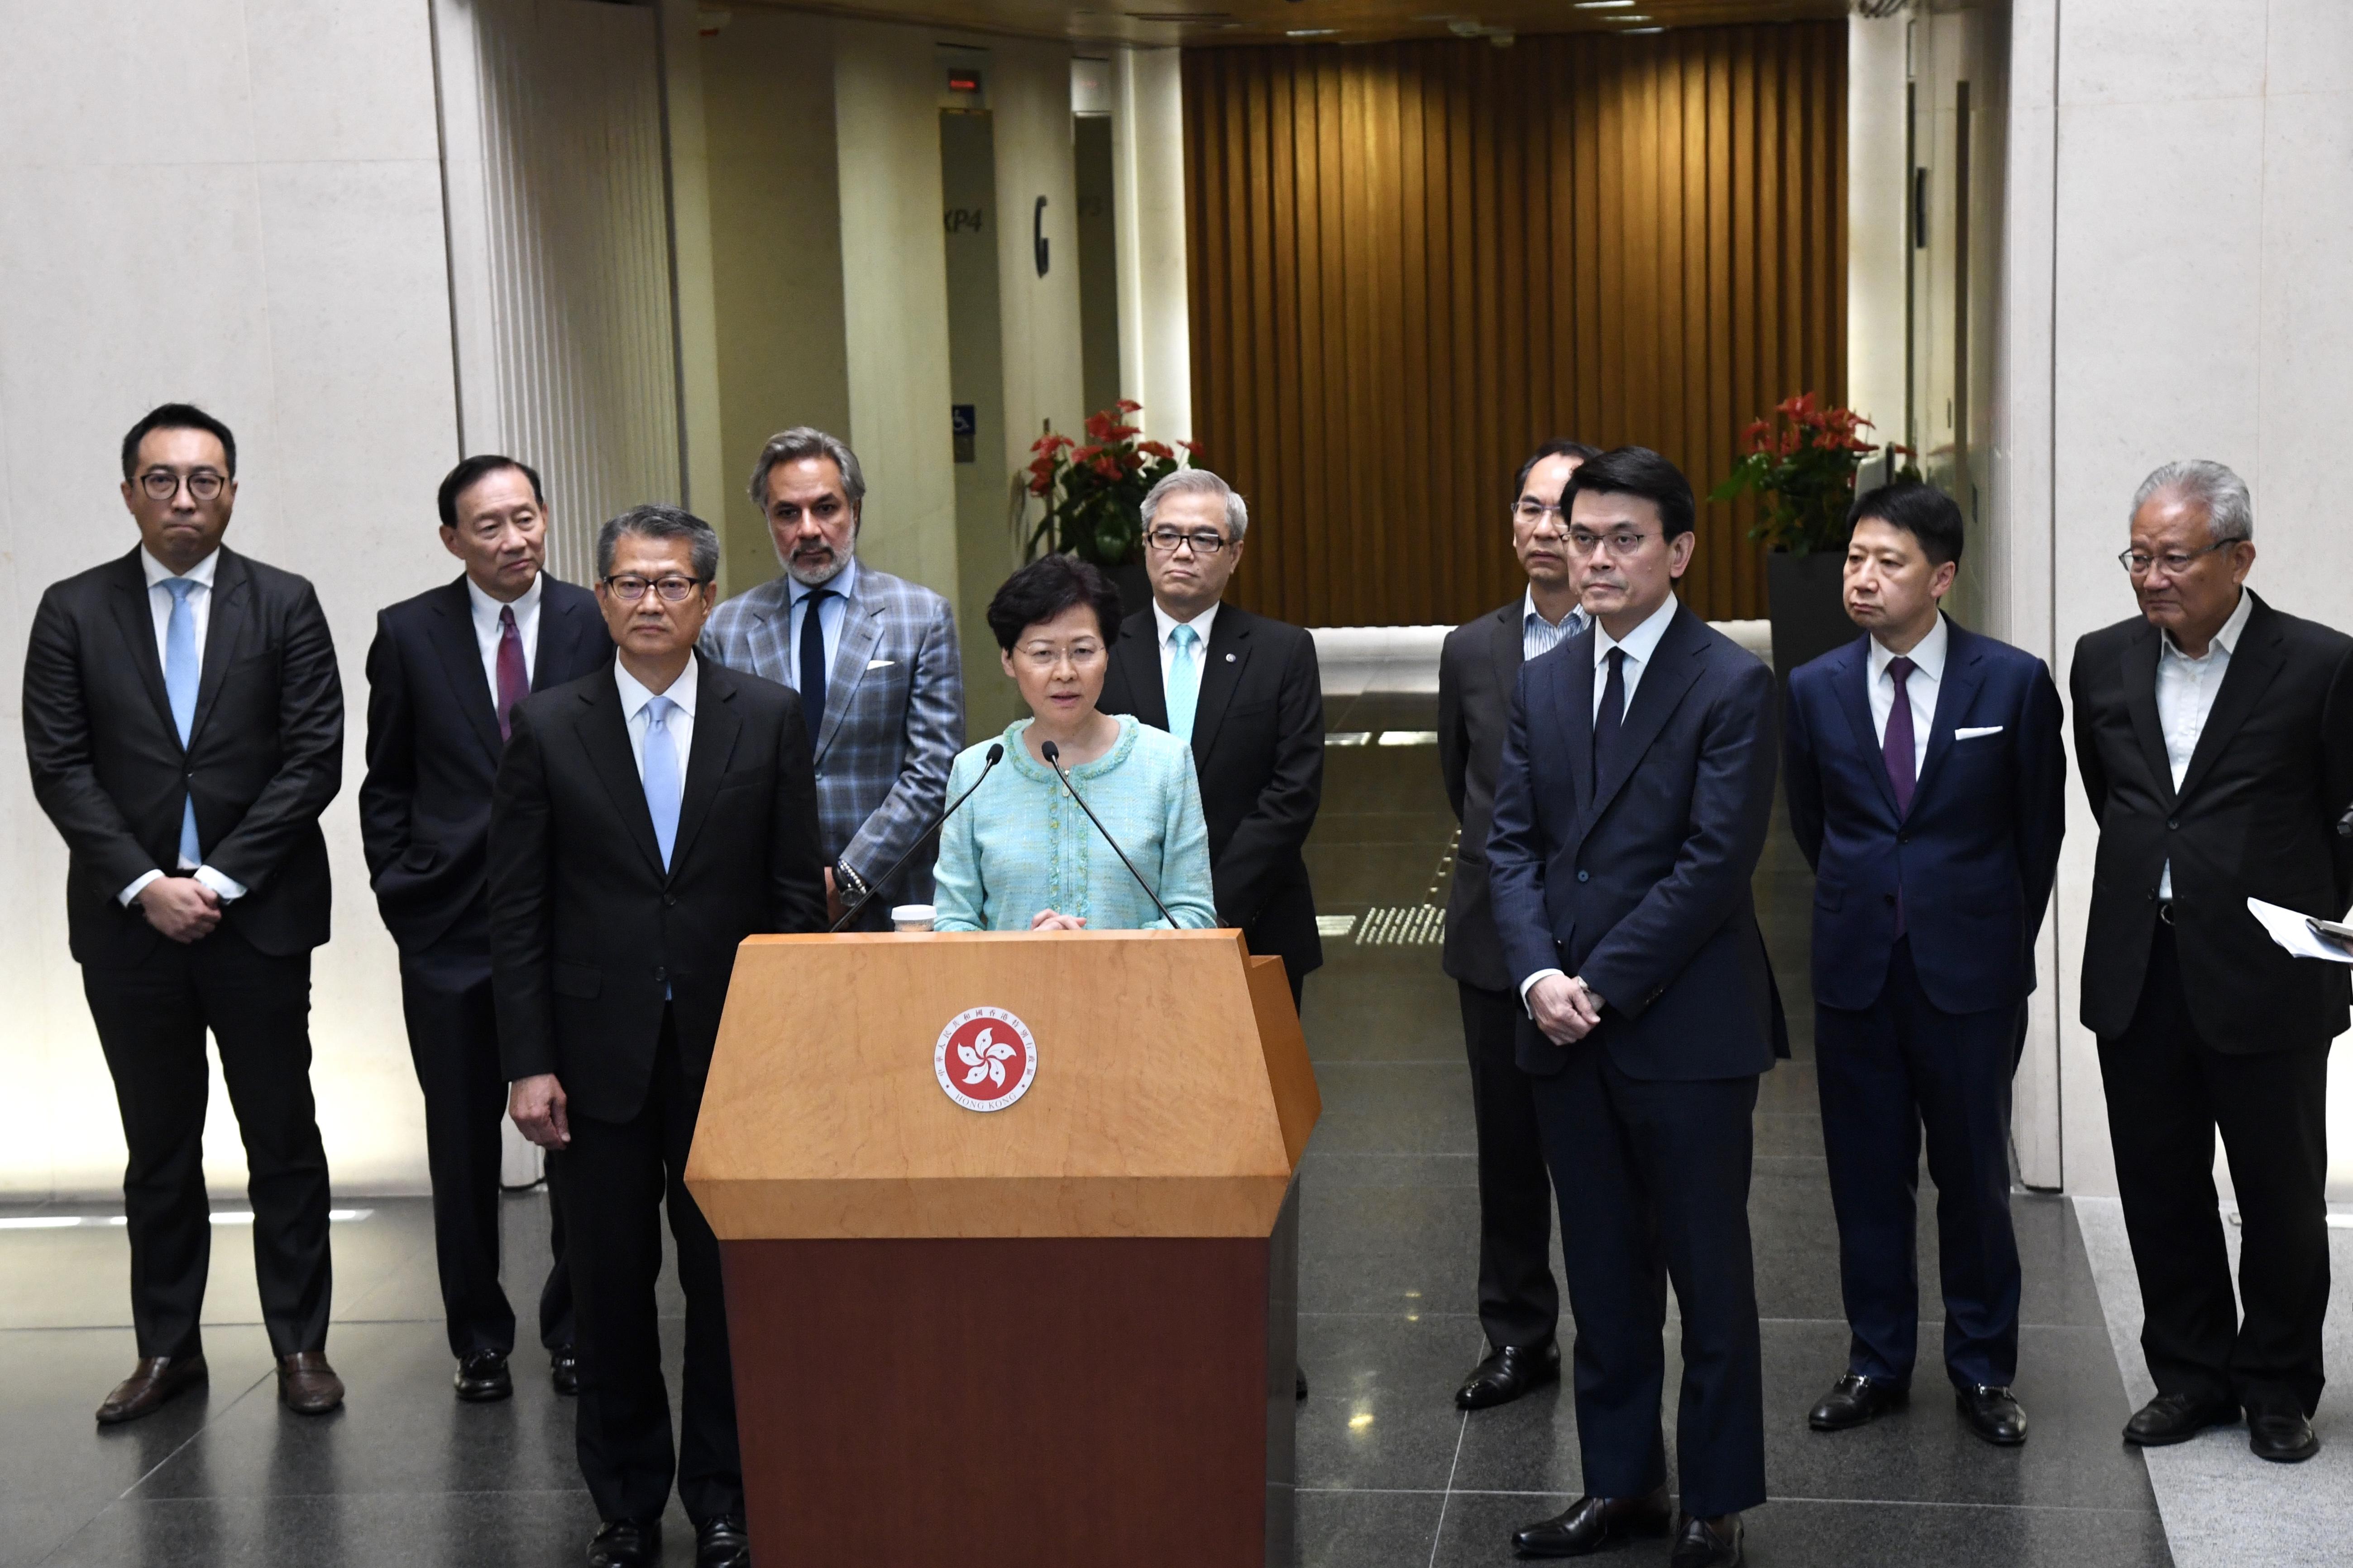 <b>暴力伤及香港经济,林郑:情况比金融危机、非典时更严峻</b>